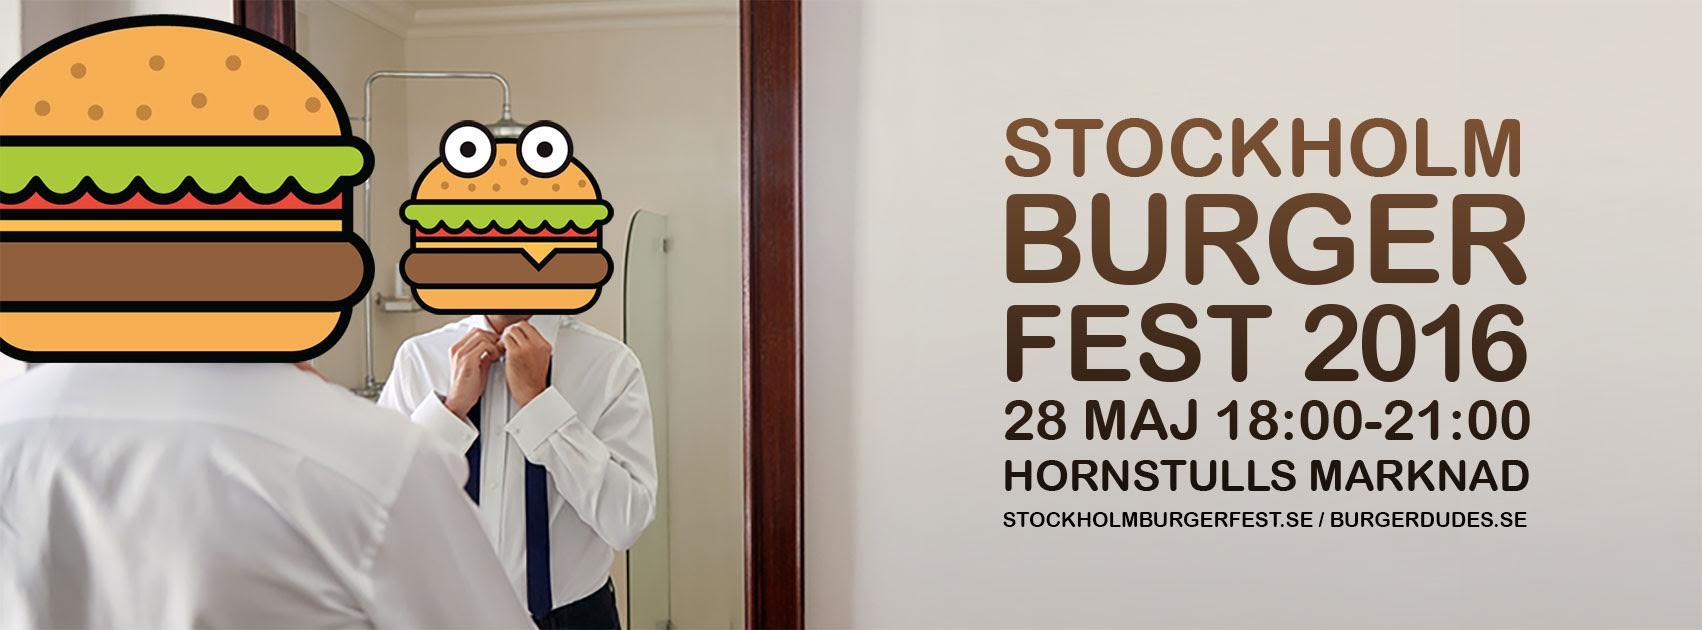 Stockholm Burger Fest 2016